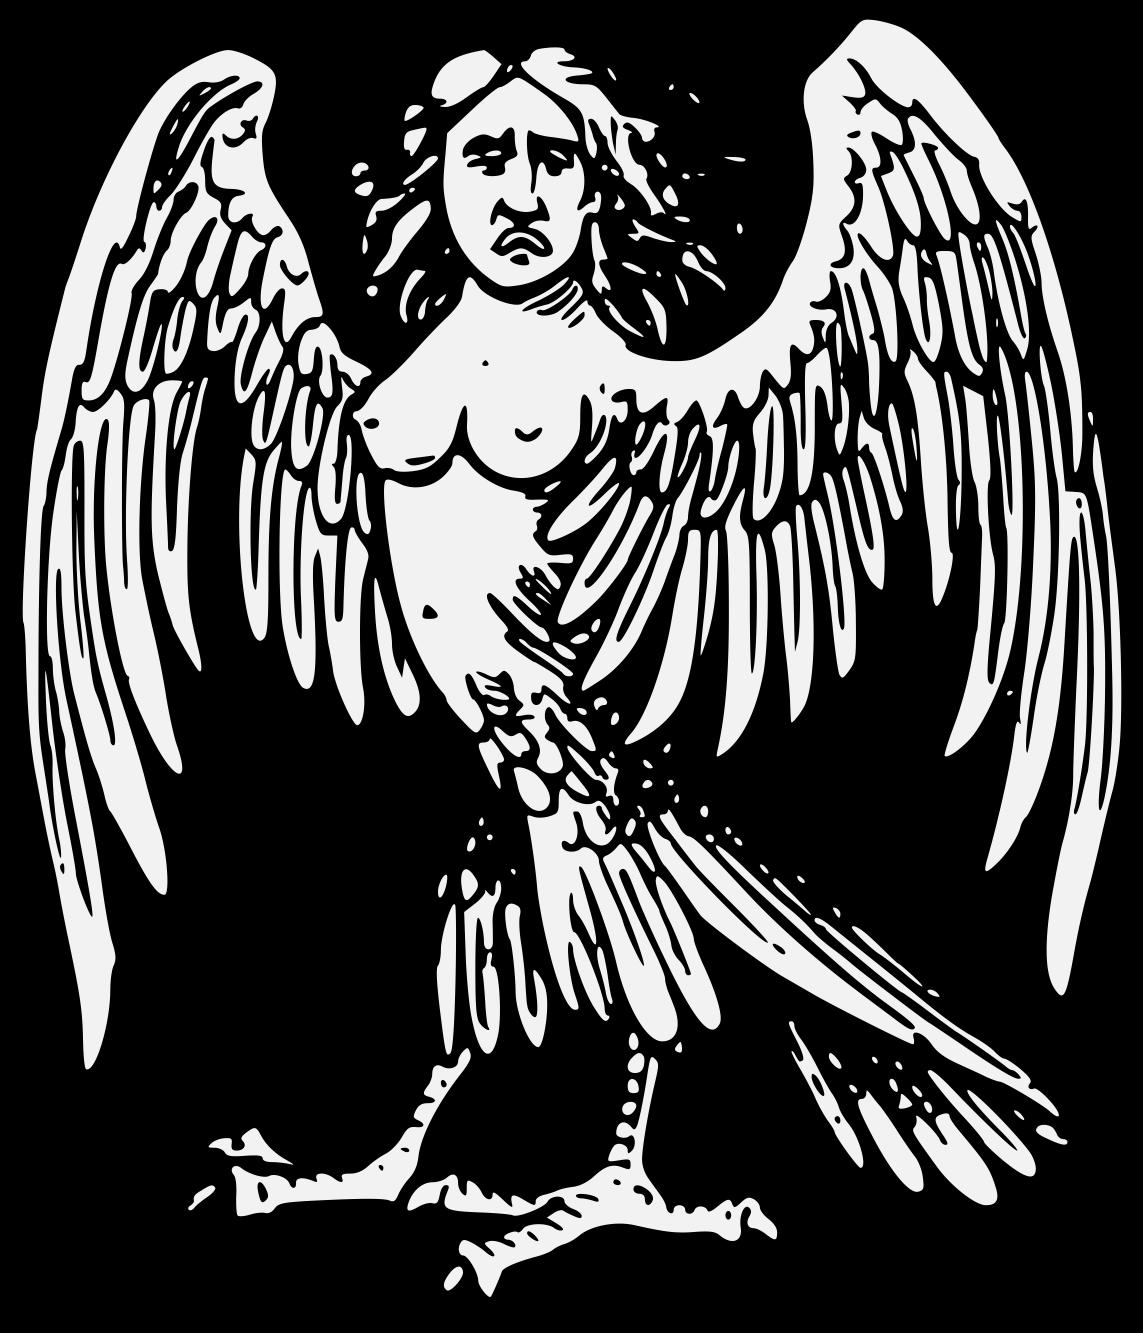 Гарпия | фантастические существа вики | fandom